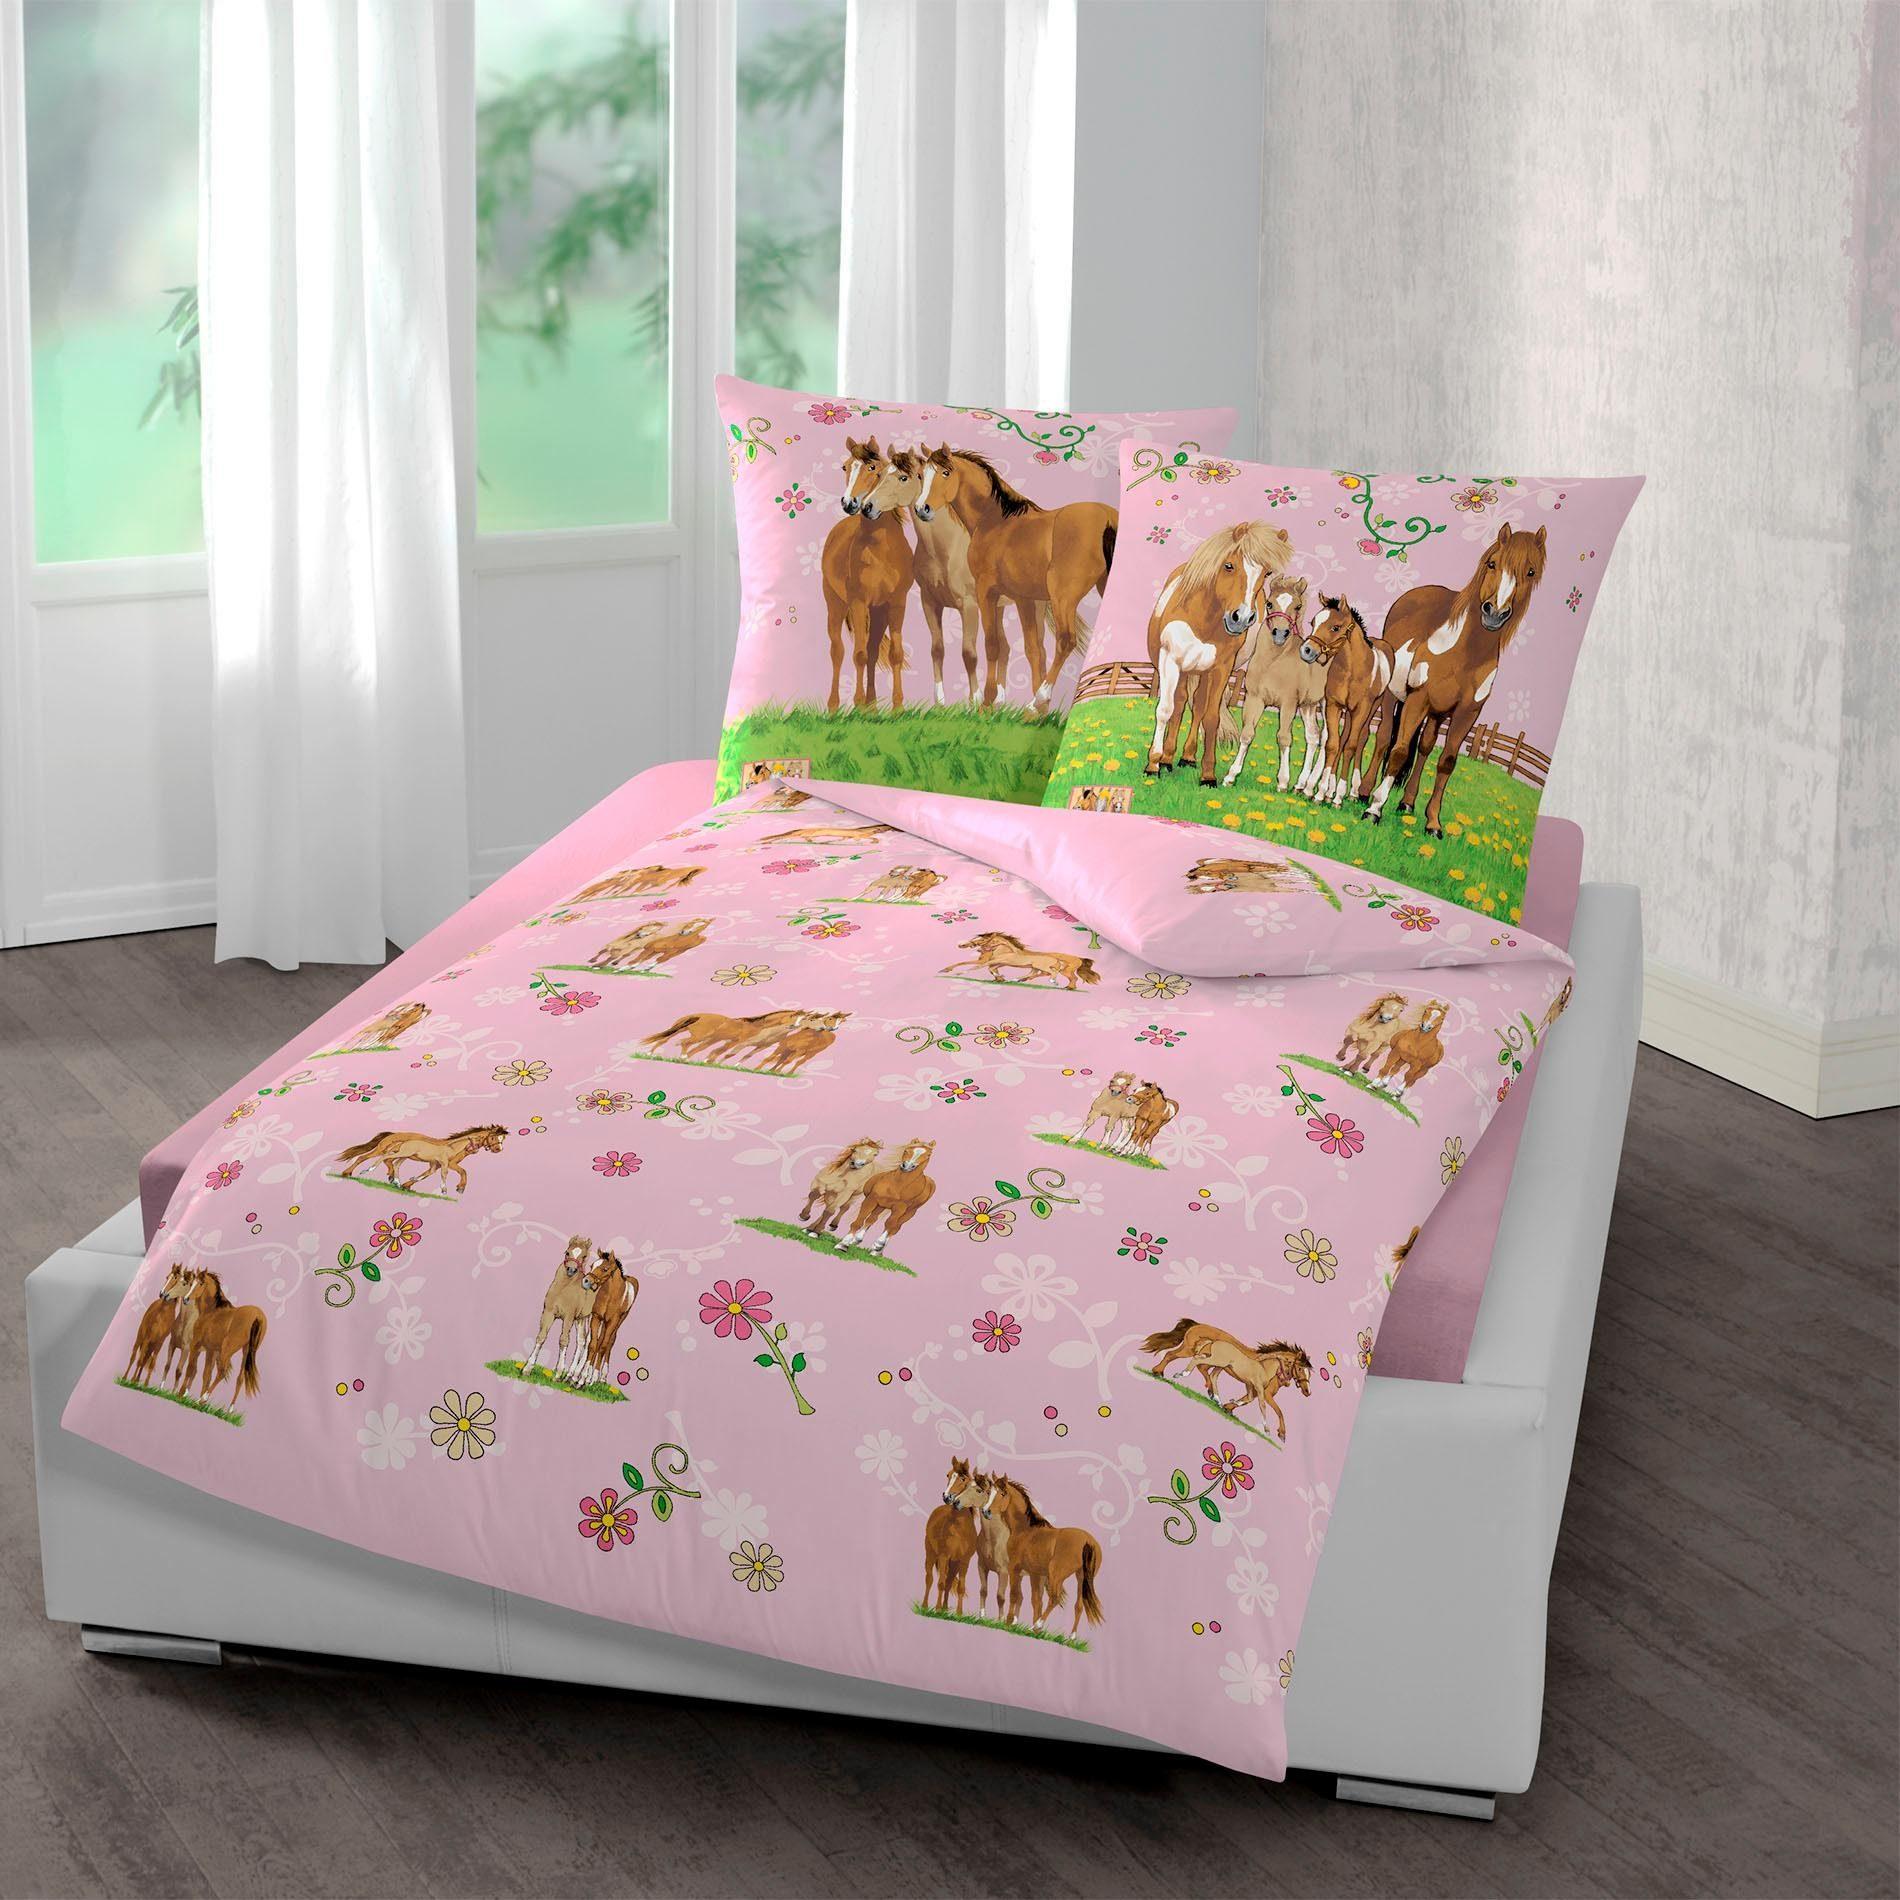 Kinderbettwäsche »Pferde«, Pferdefreunde, mit Pferden